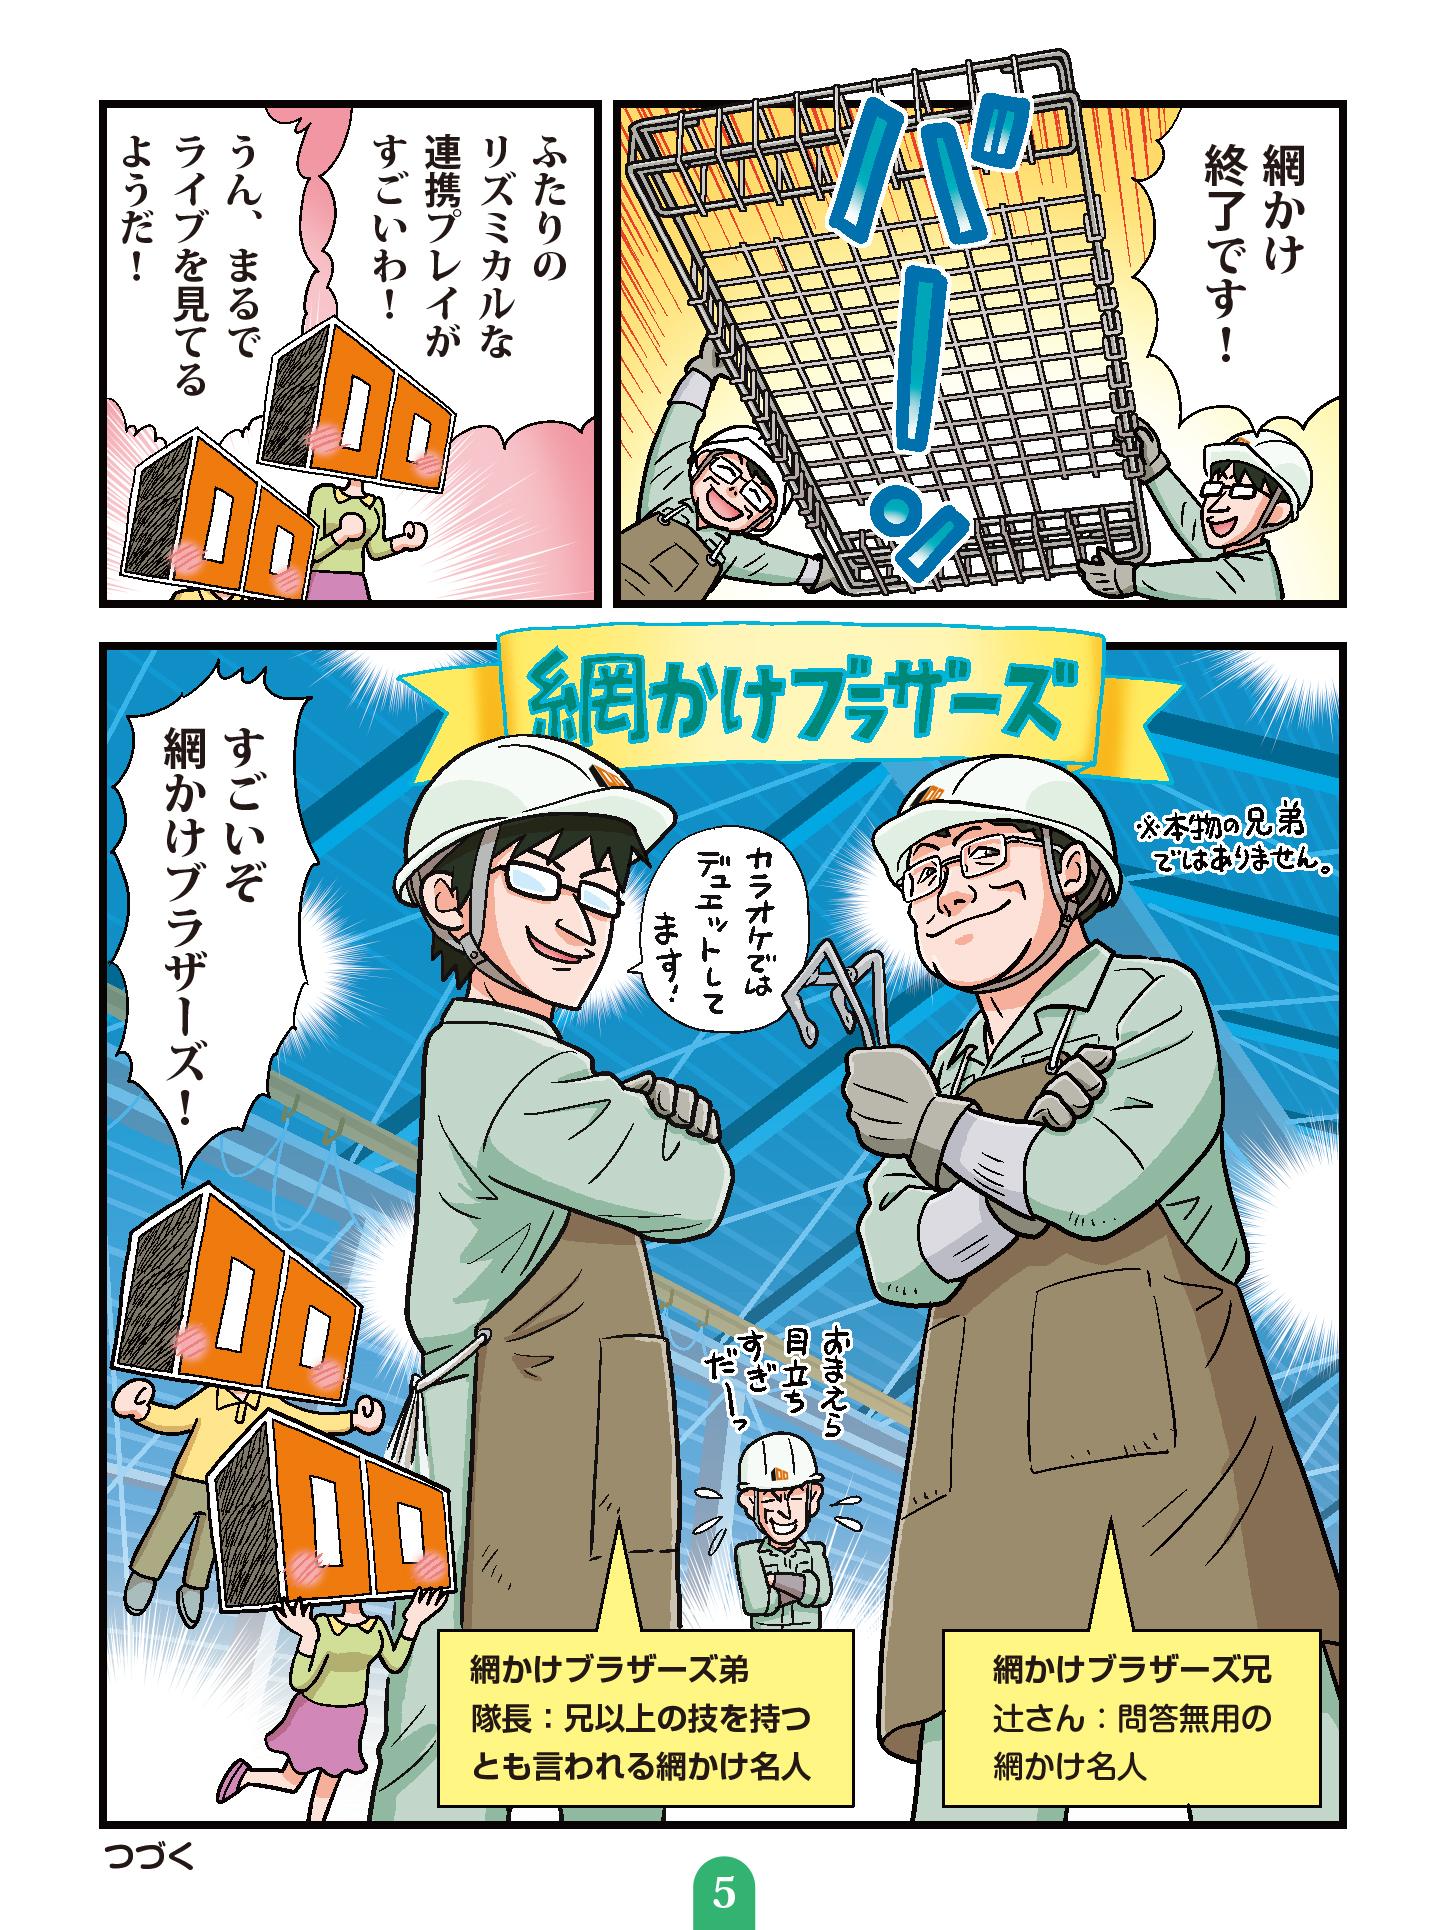 最強職人列伝 第2話 網かけ職人05